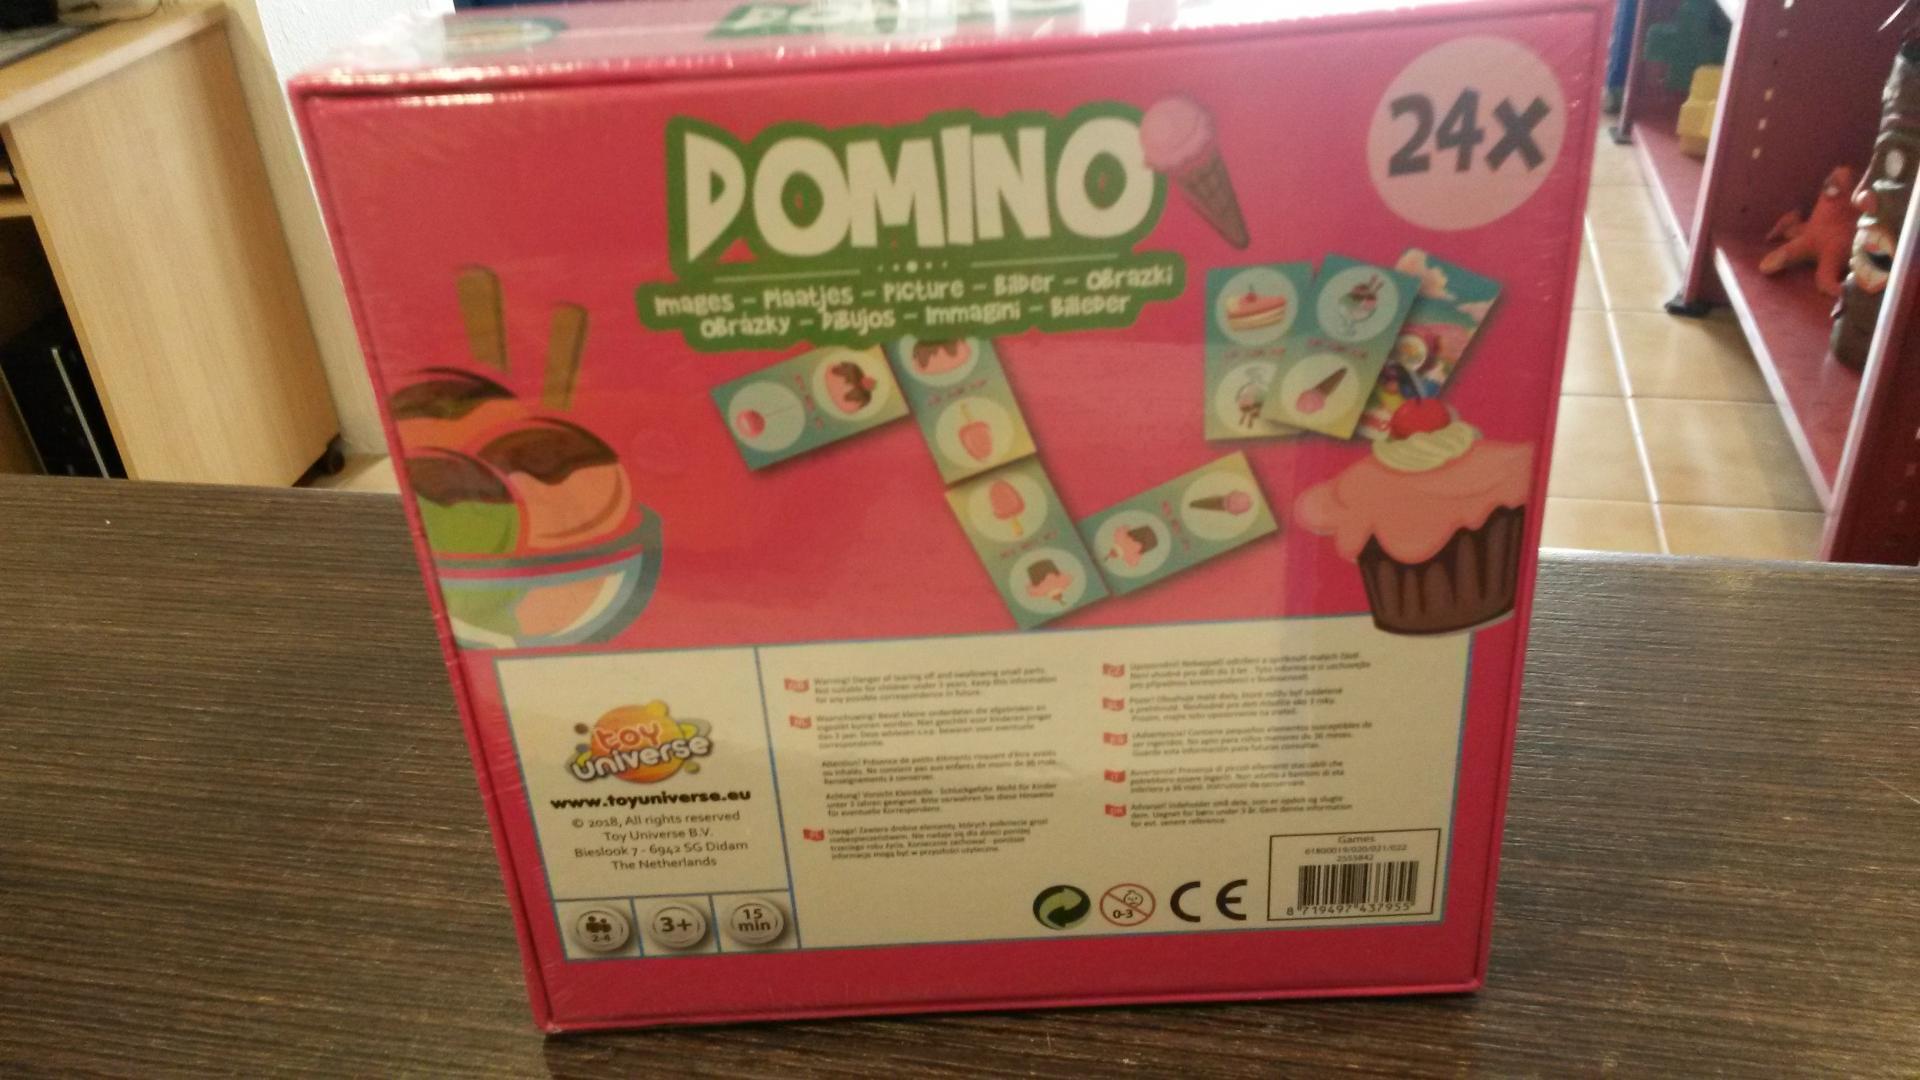 Dominosglaces2